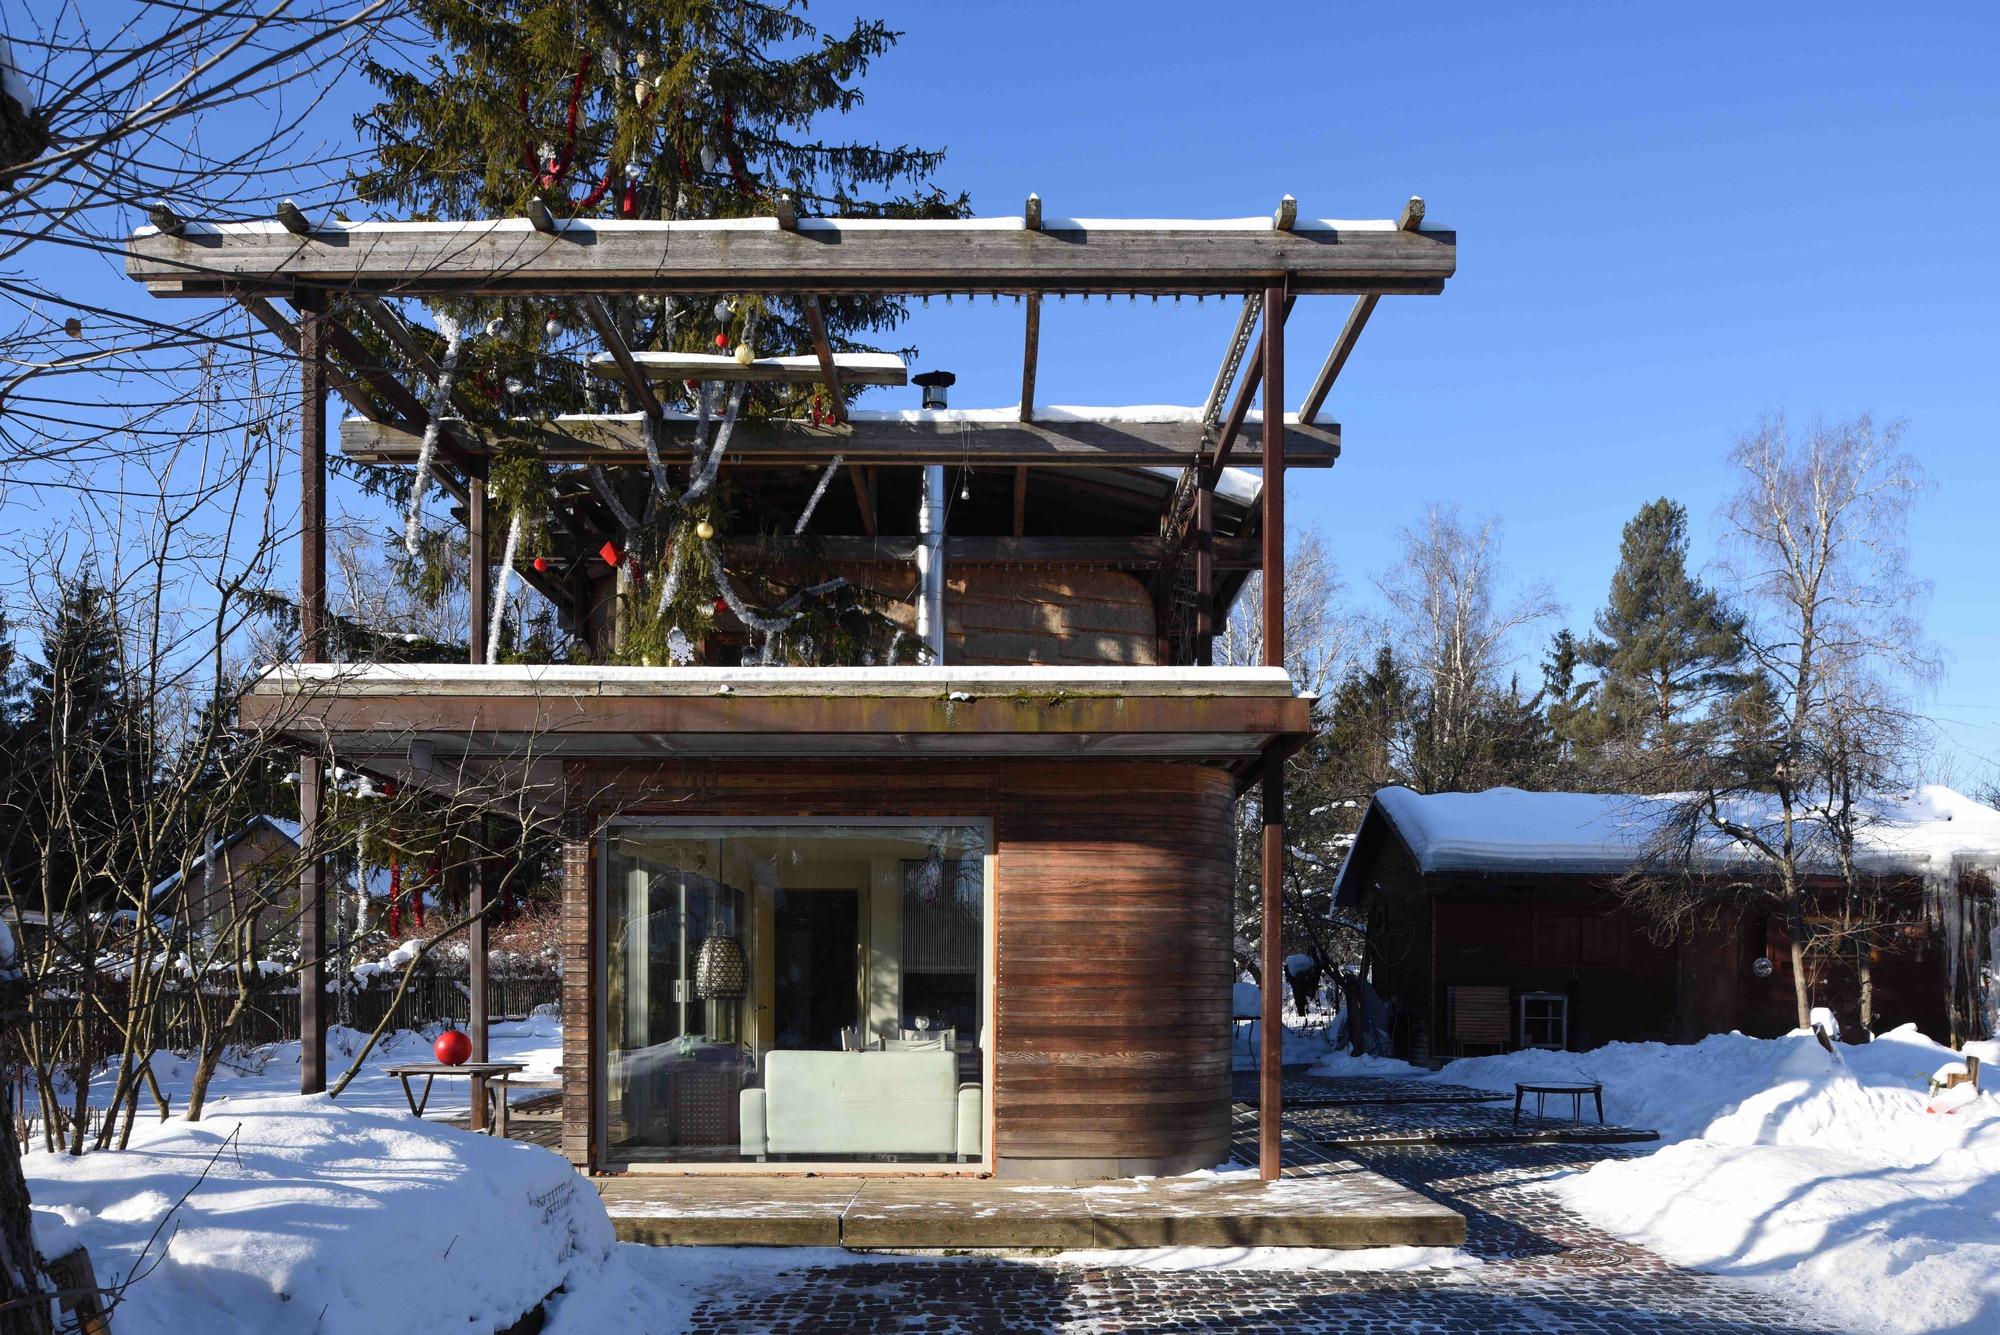 nefa architects leo burnett. Architects. Nefa Architects Leo Burnett